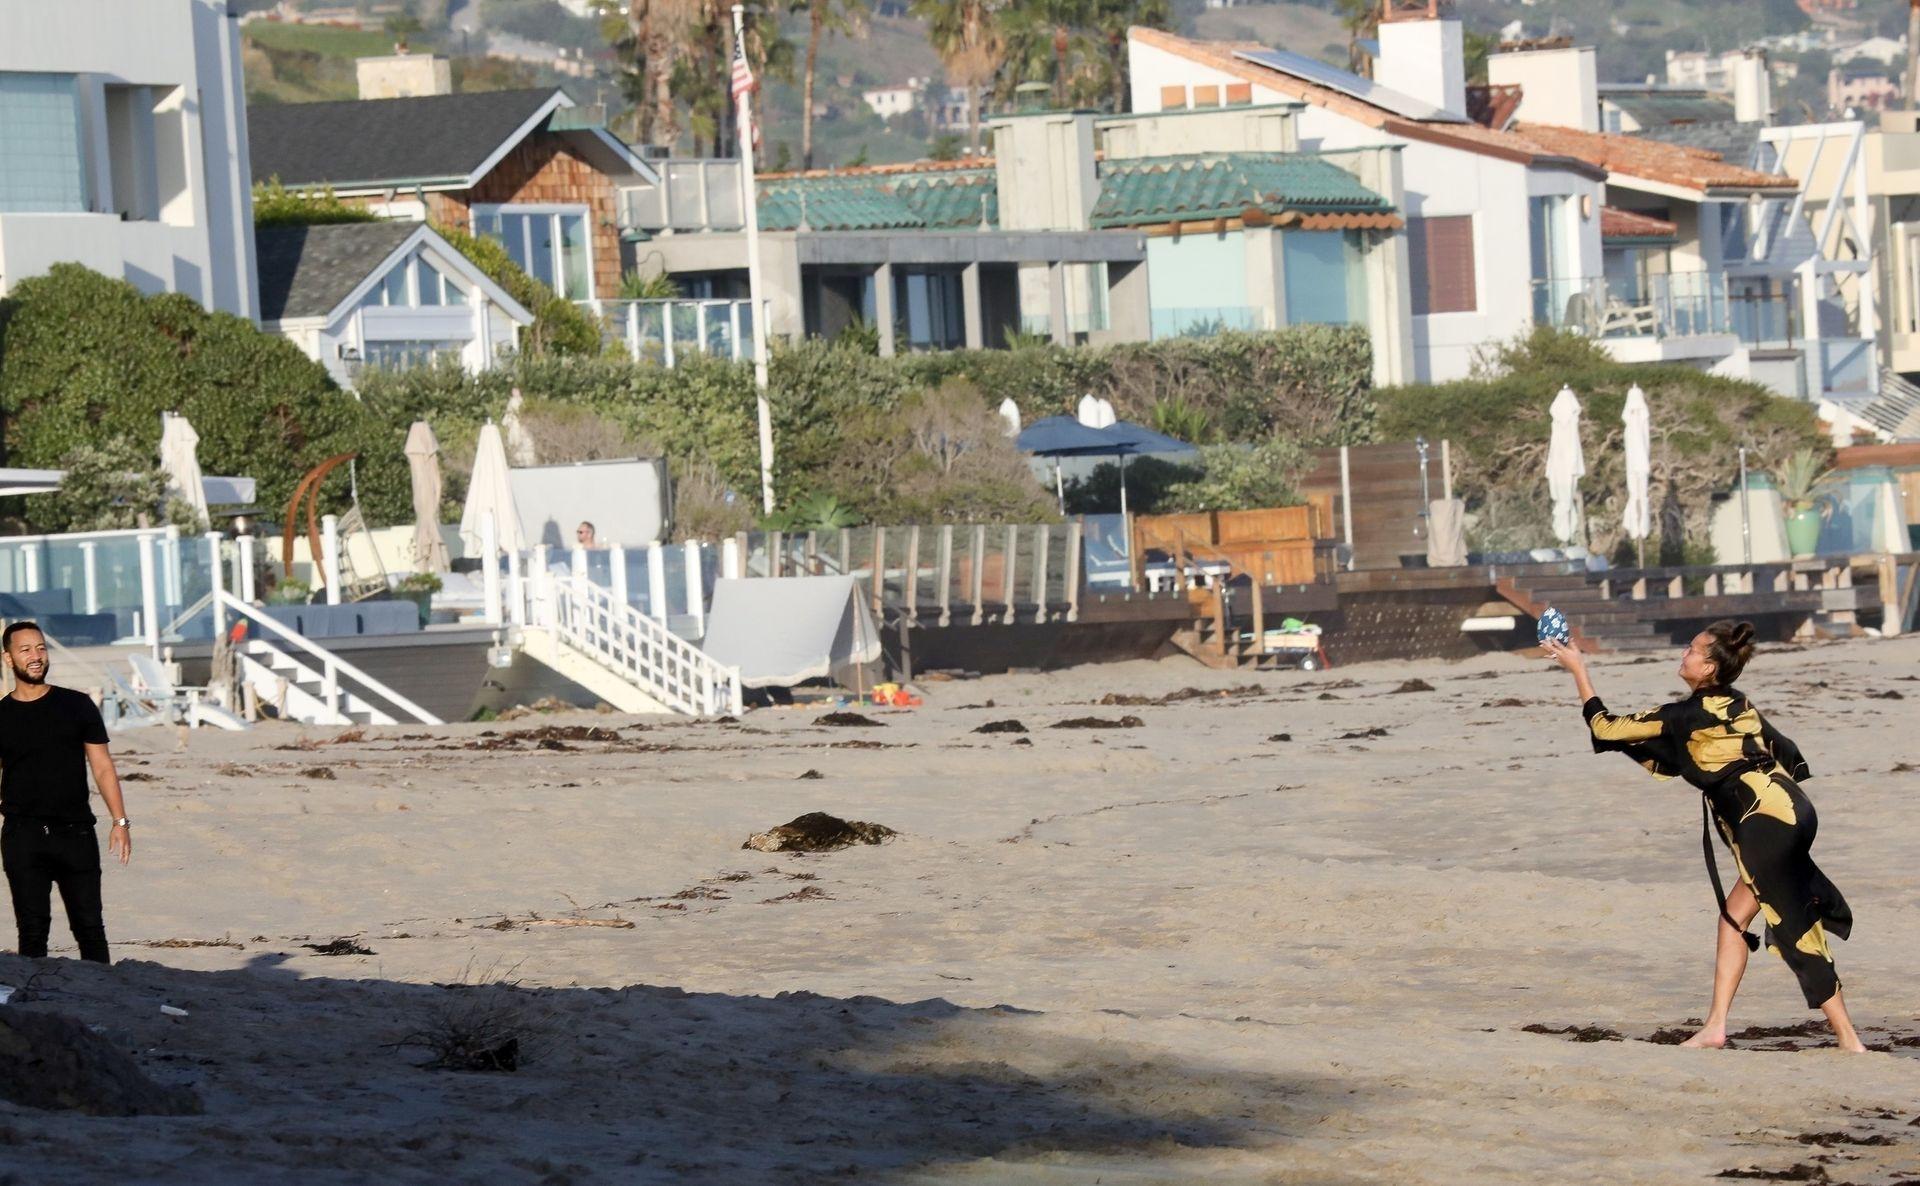 Chrissy Teigen Enjoys A Beach Day In Malibu Amid All Coronavirus Chaos 0030